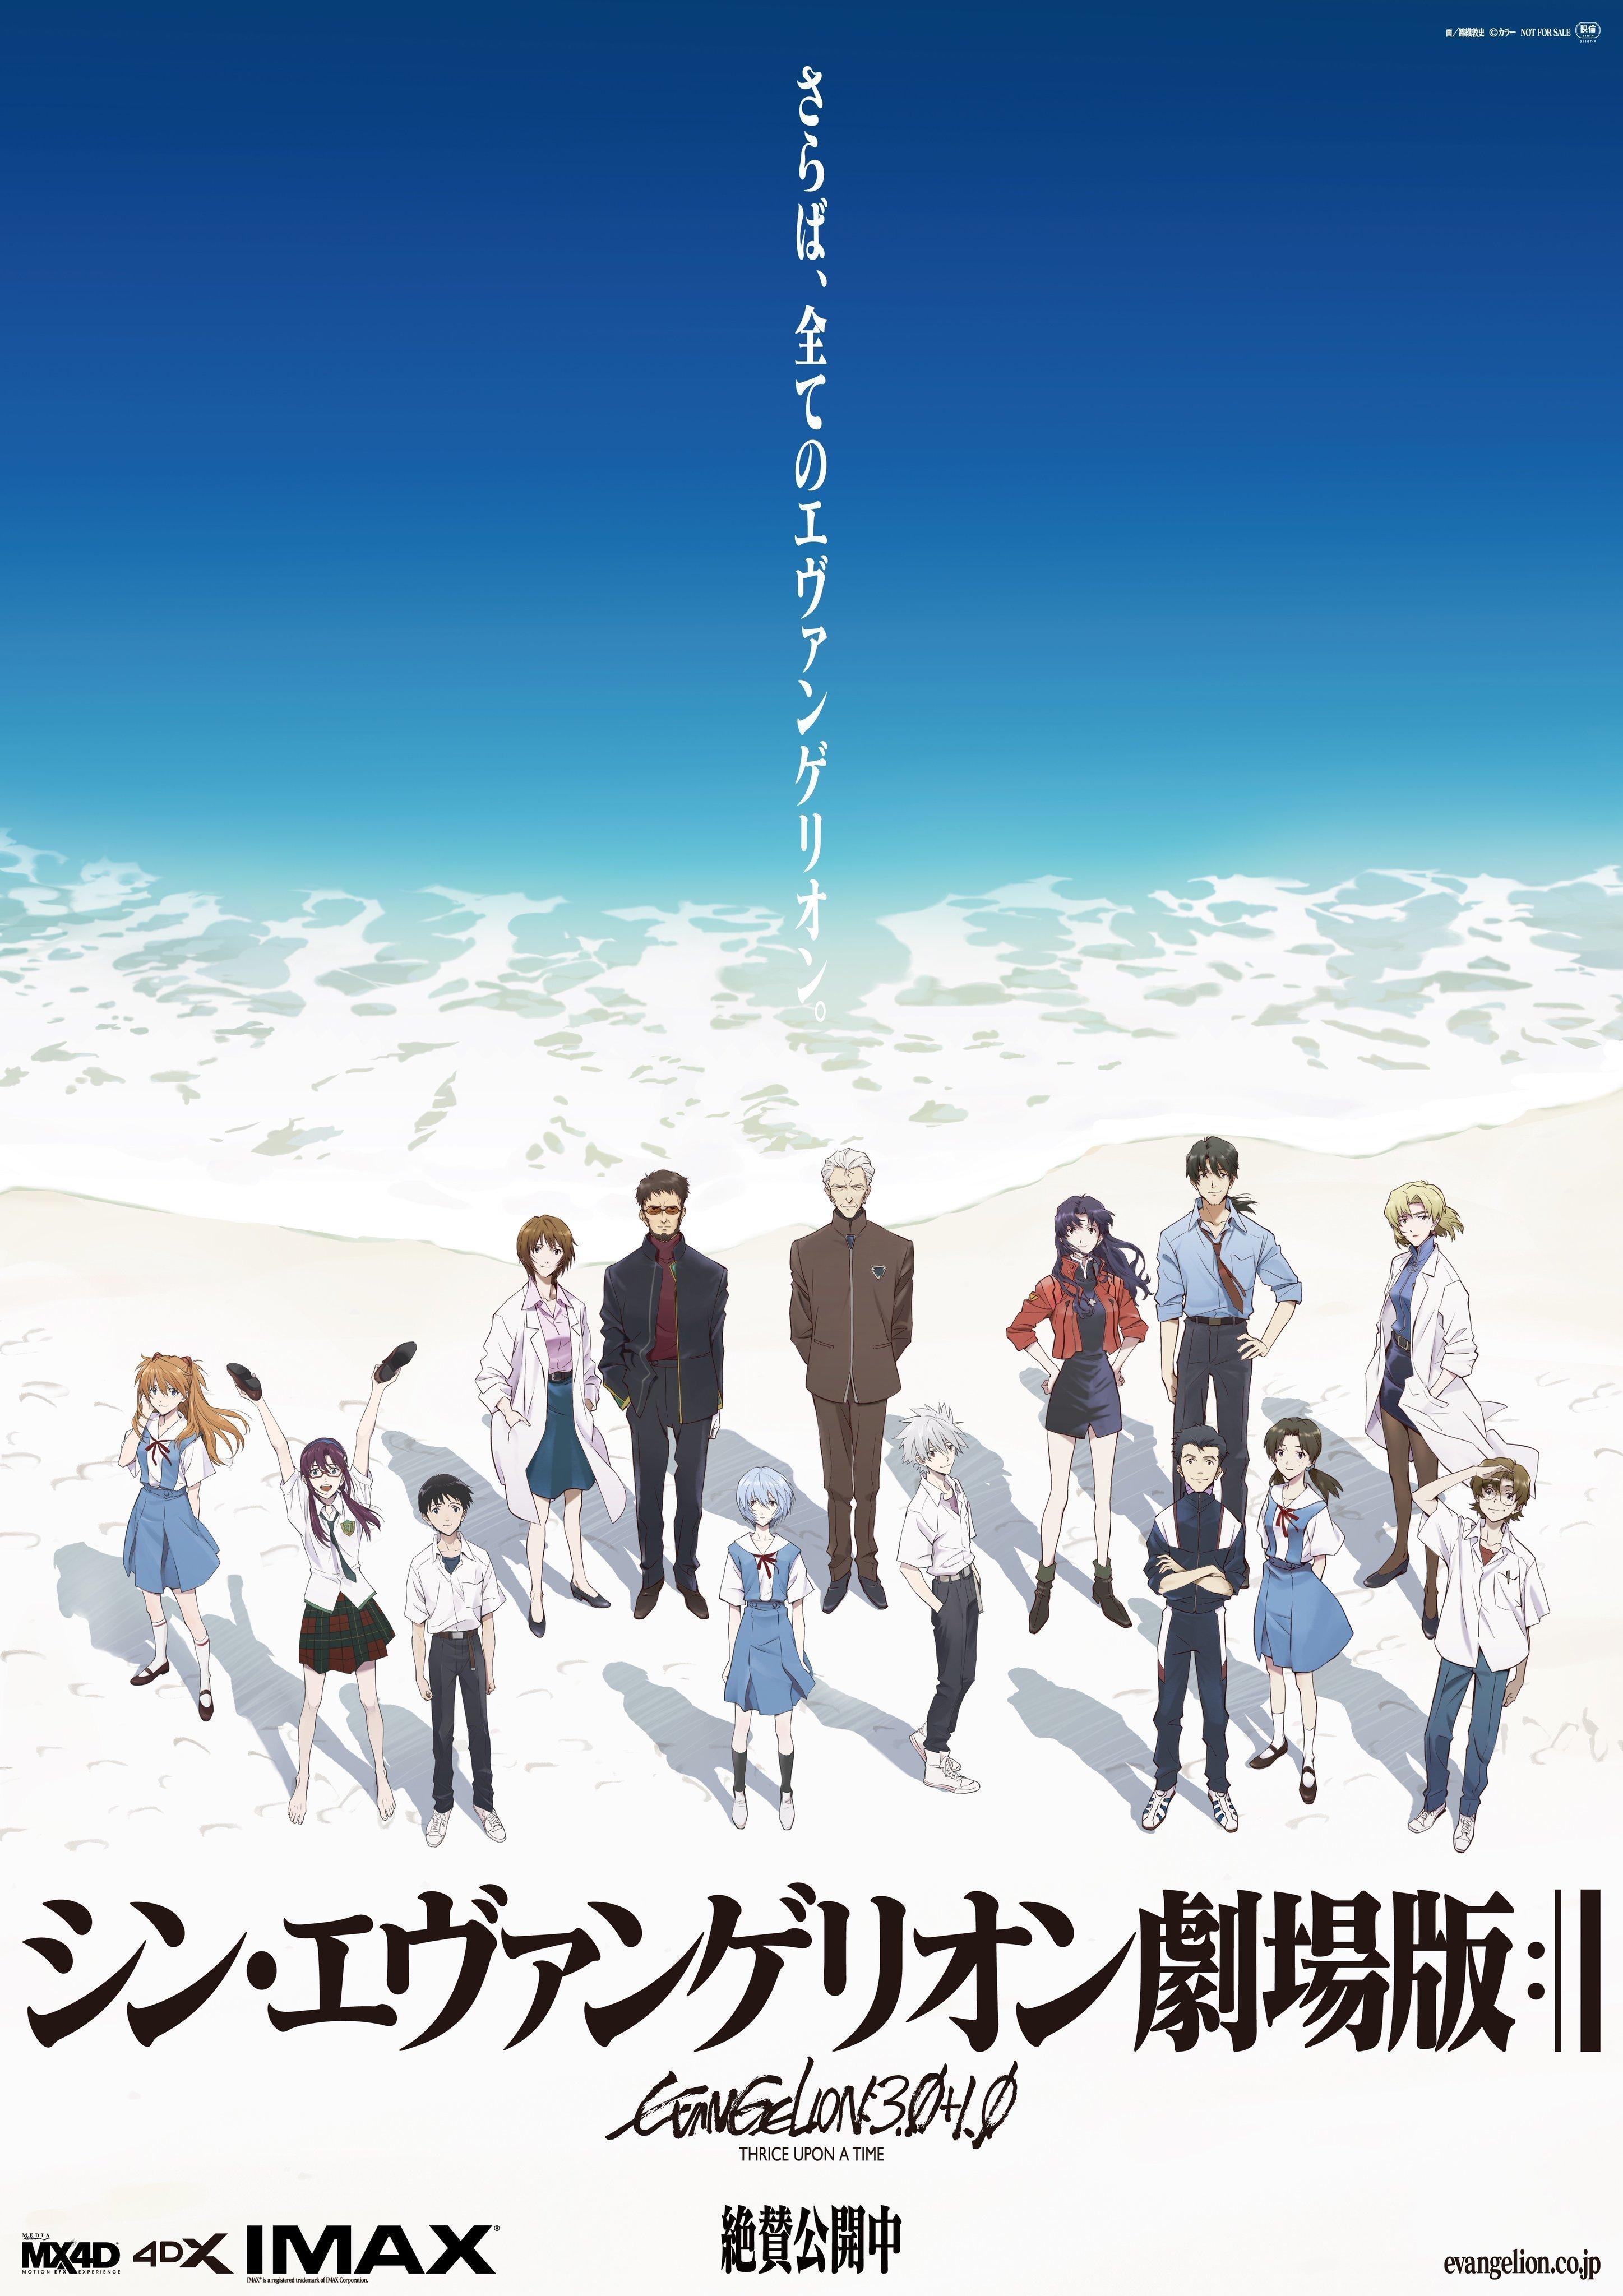 【资讯】《EVA新剧场版》票房突破82.8亿日元,超过庵野秀明监督作品《新哥斯拉》的纪录